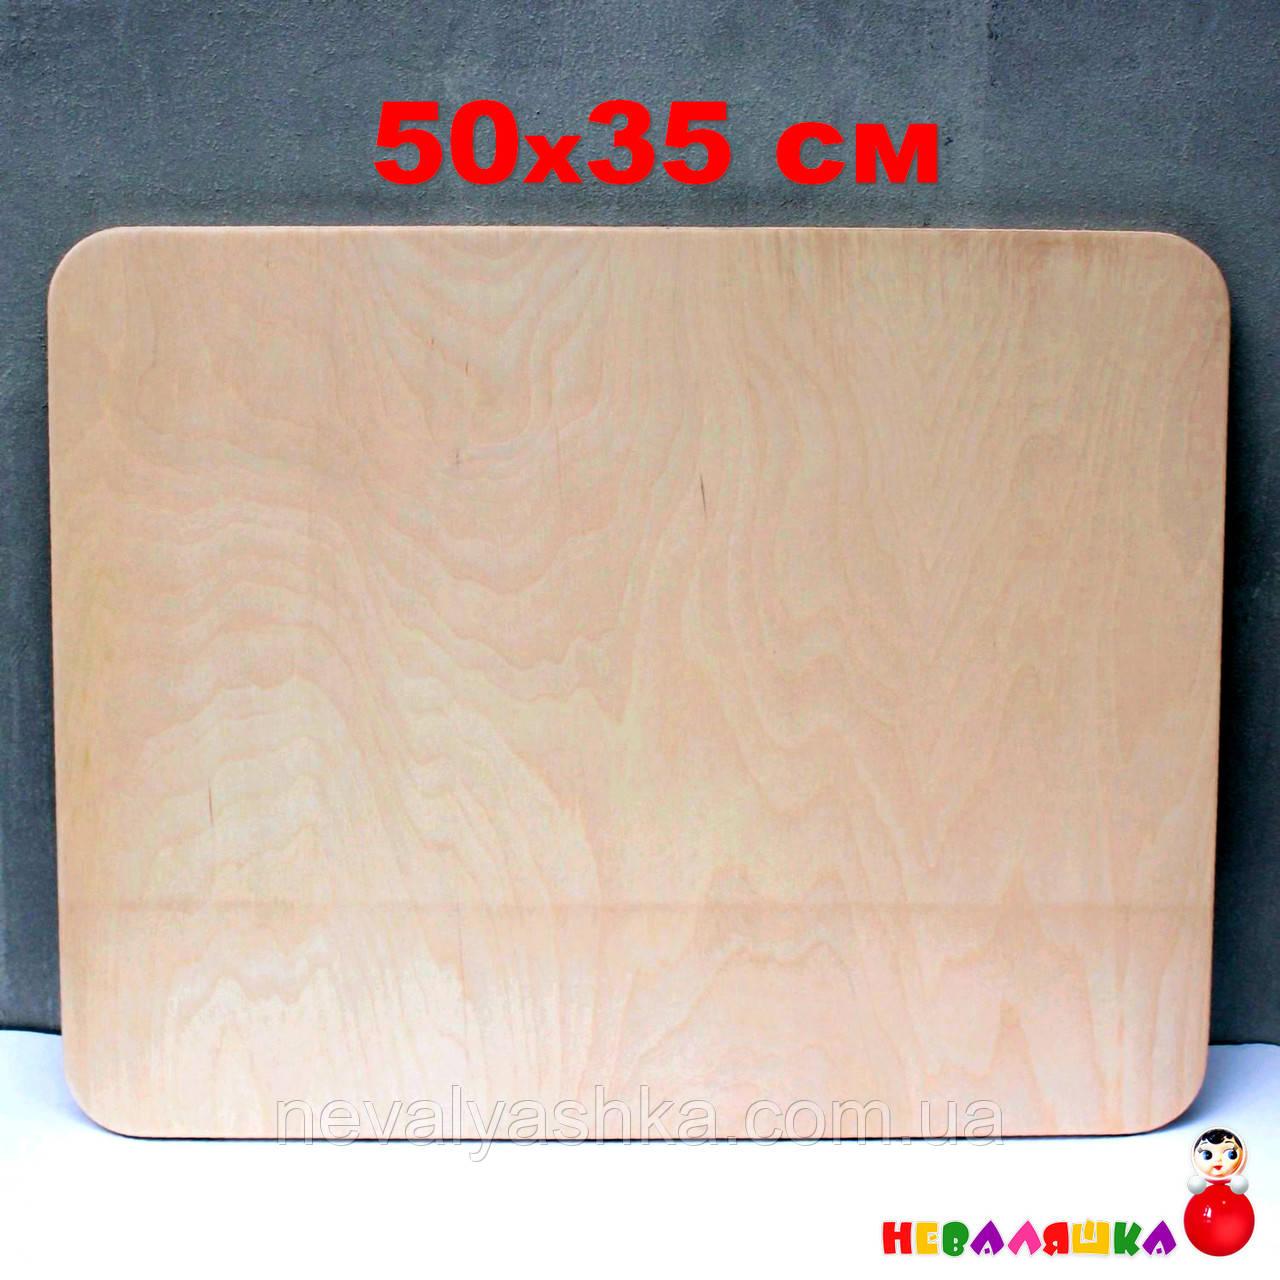 Основа для Бизиборда 50х35 см (фанера толщина 0,8 см) Заготовка Основа для Бізіборда ФАНЕРА 8 мм